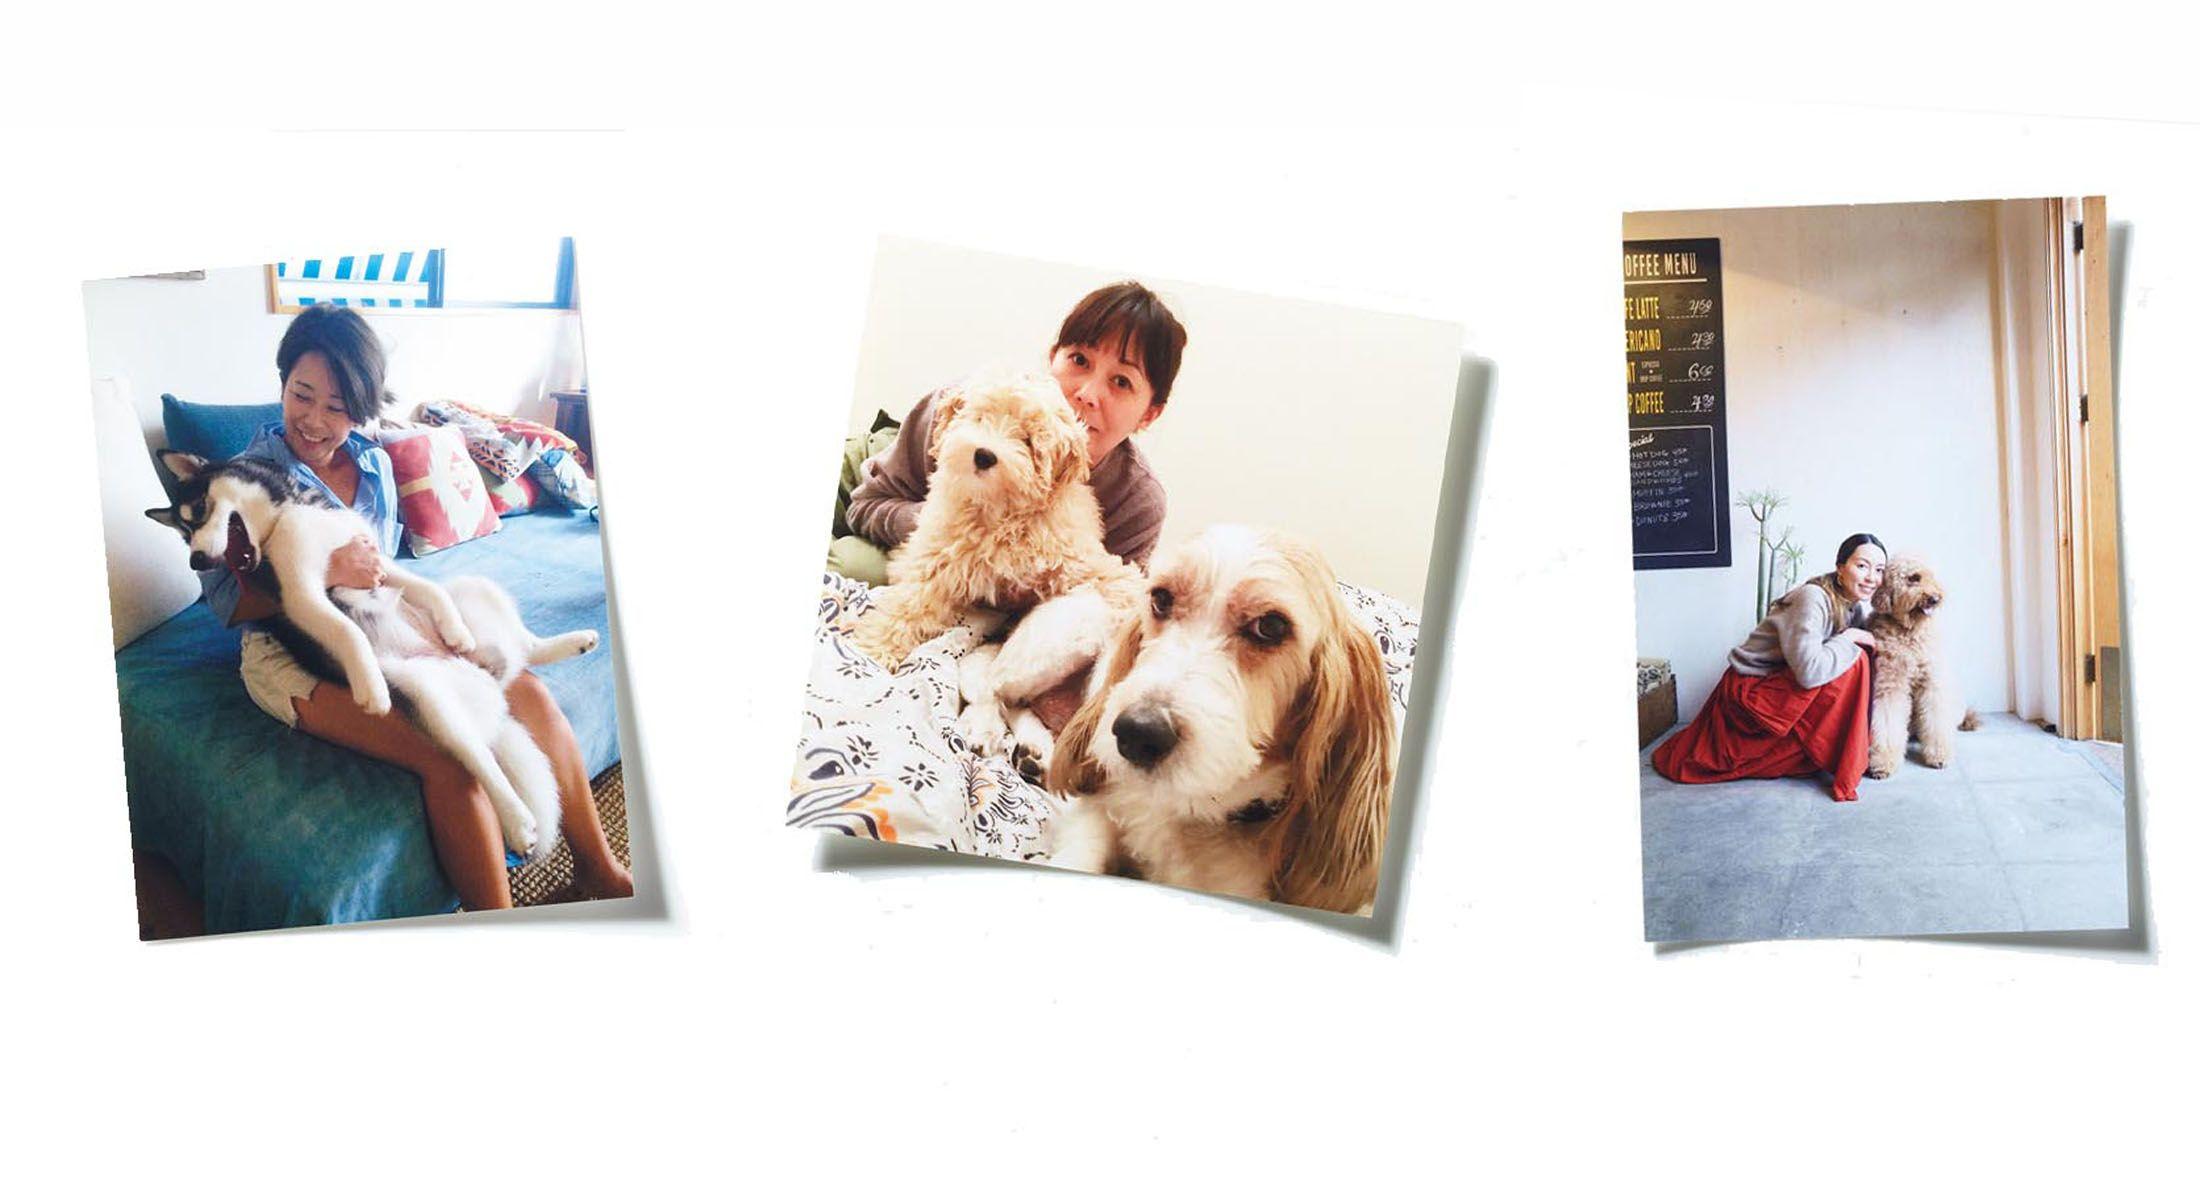 キャリア女性たちのインスタで発見した愛犬との写真